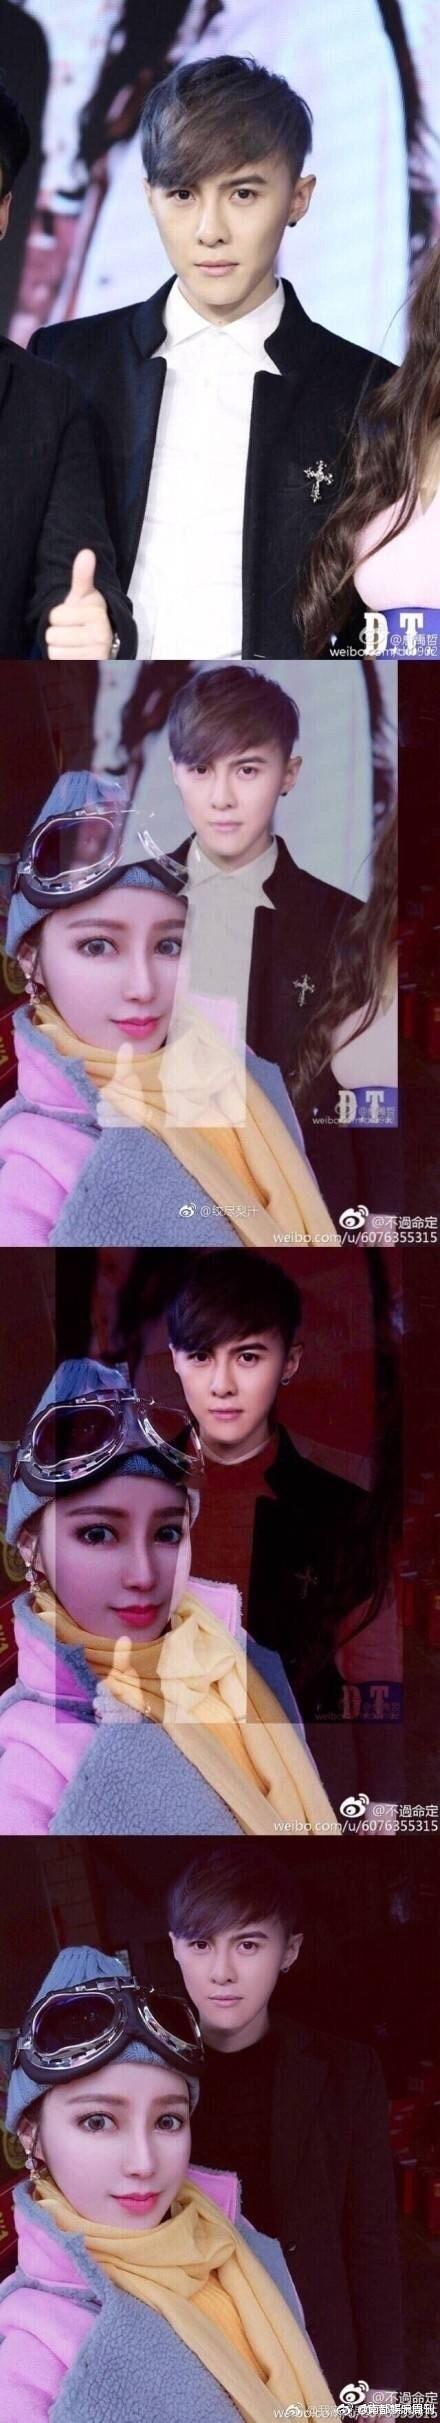 Quen sống ảo, hotgirl mạng xã hội tự photoshop ảnh thân mật với sao nam để tạo scandal - Ảnh 8.